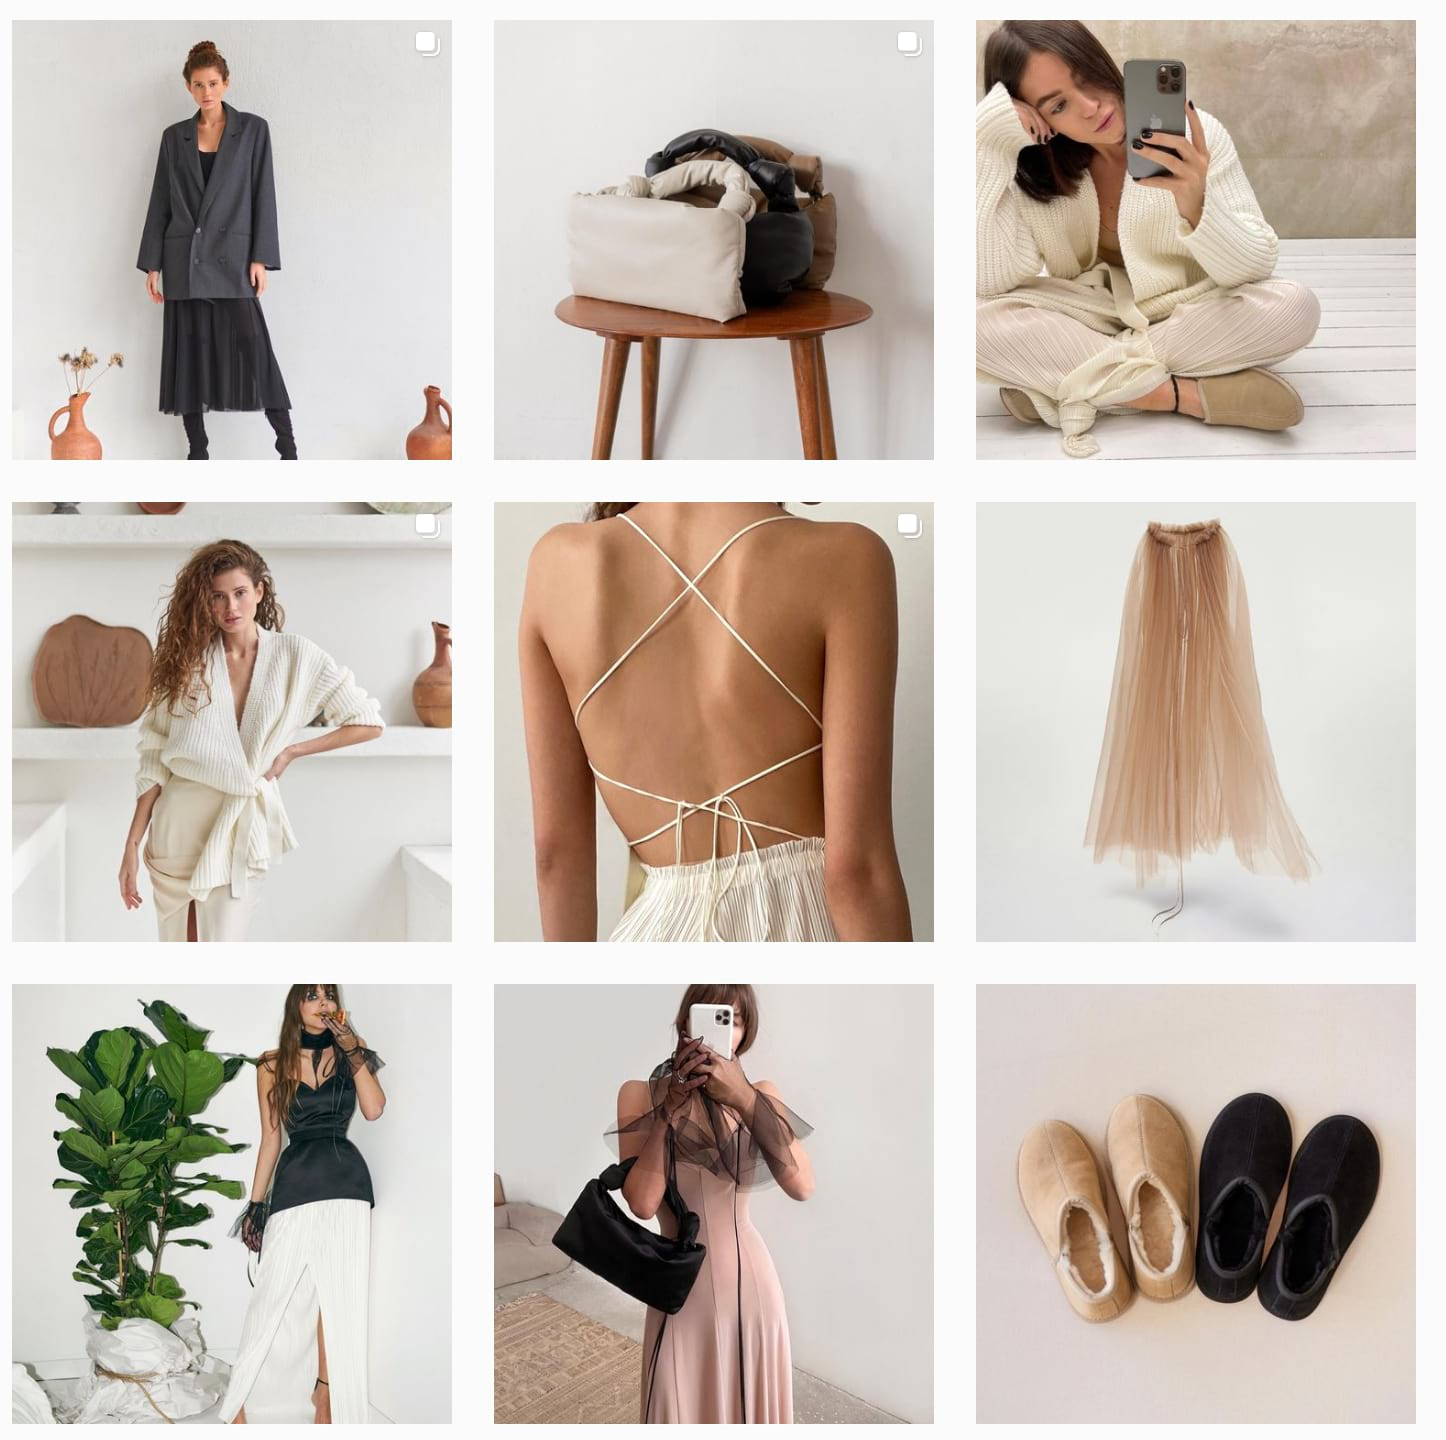 Пример отличного визуала магазина одежды Ushatava